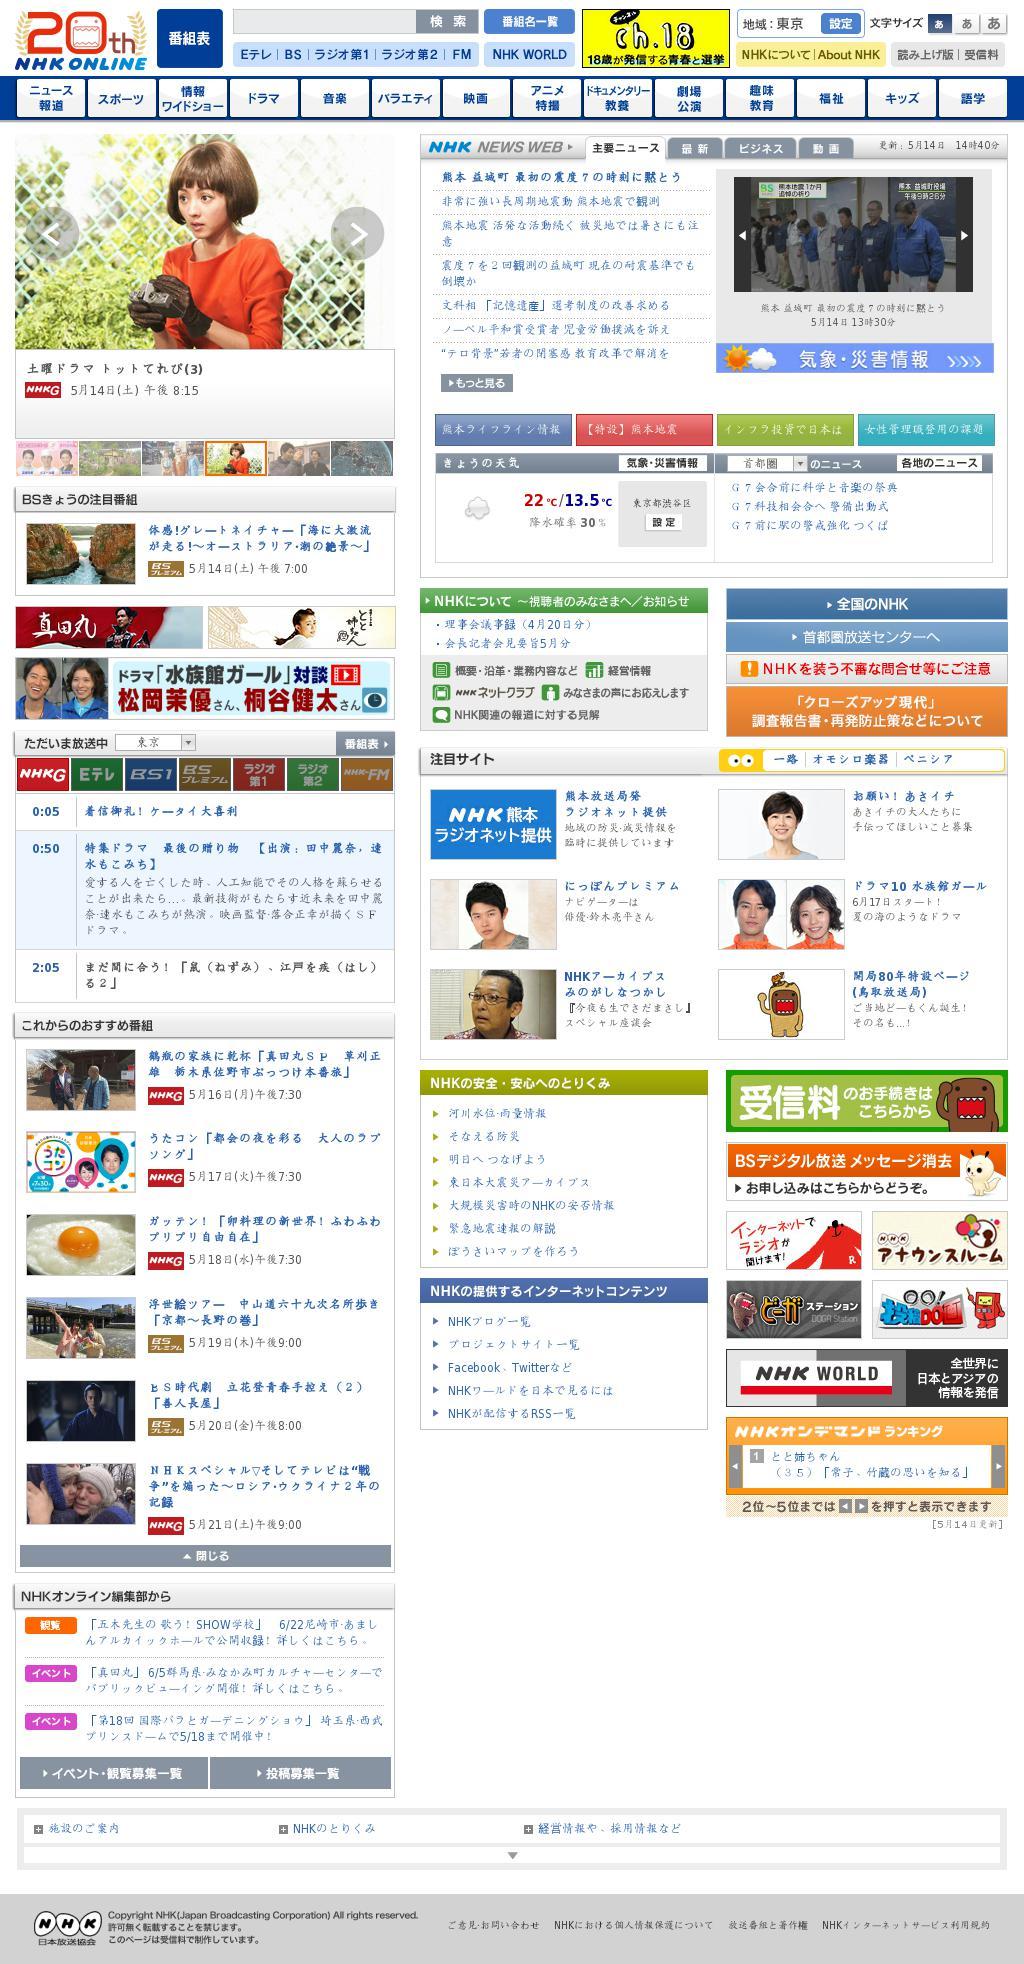 NHK Online at Saturday May 14, 2016, 4:13 p.m. UTC